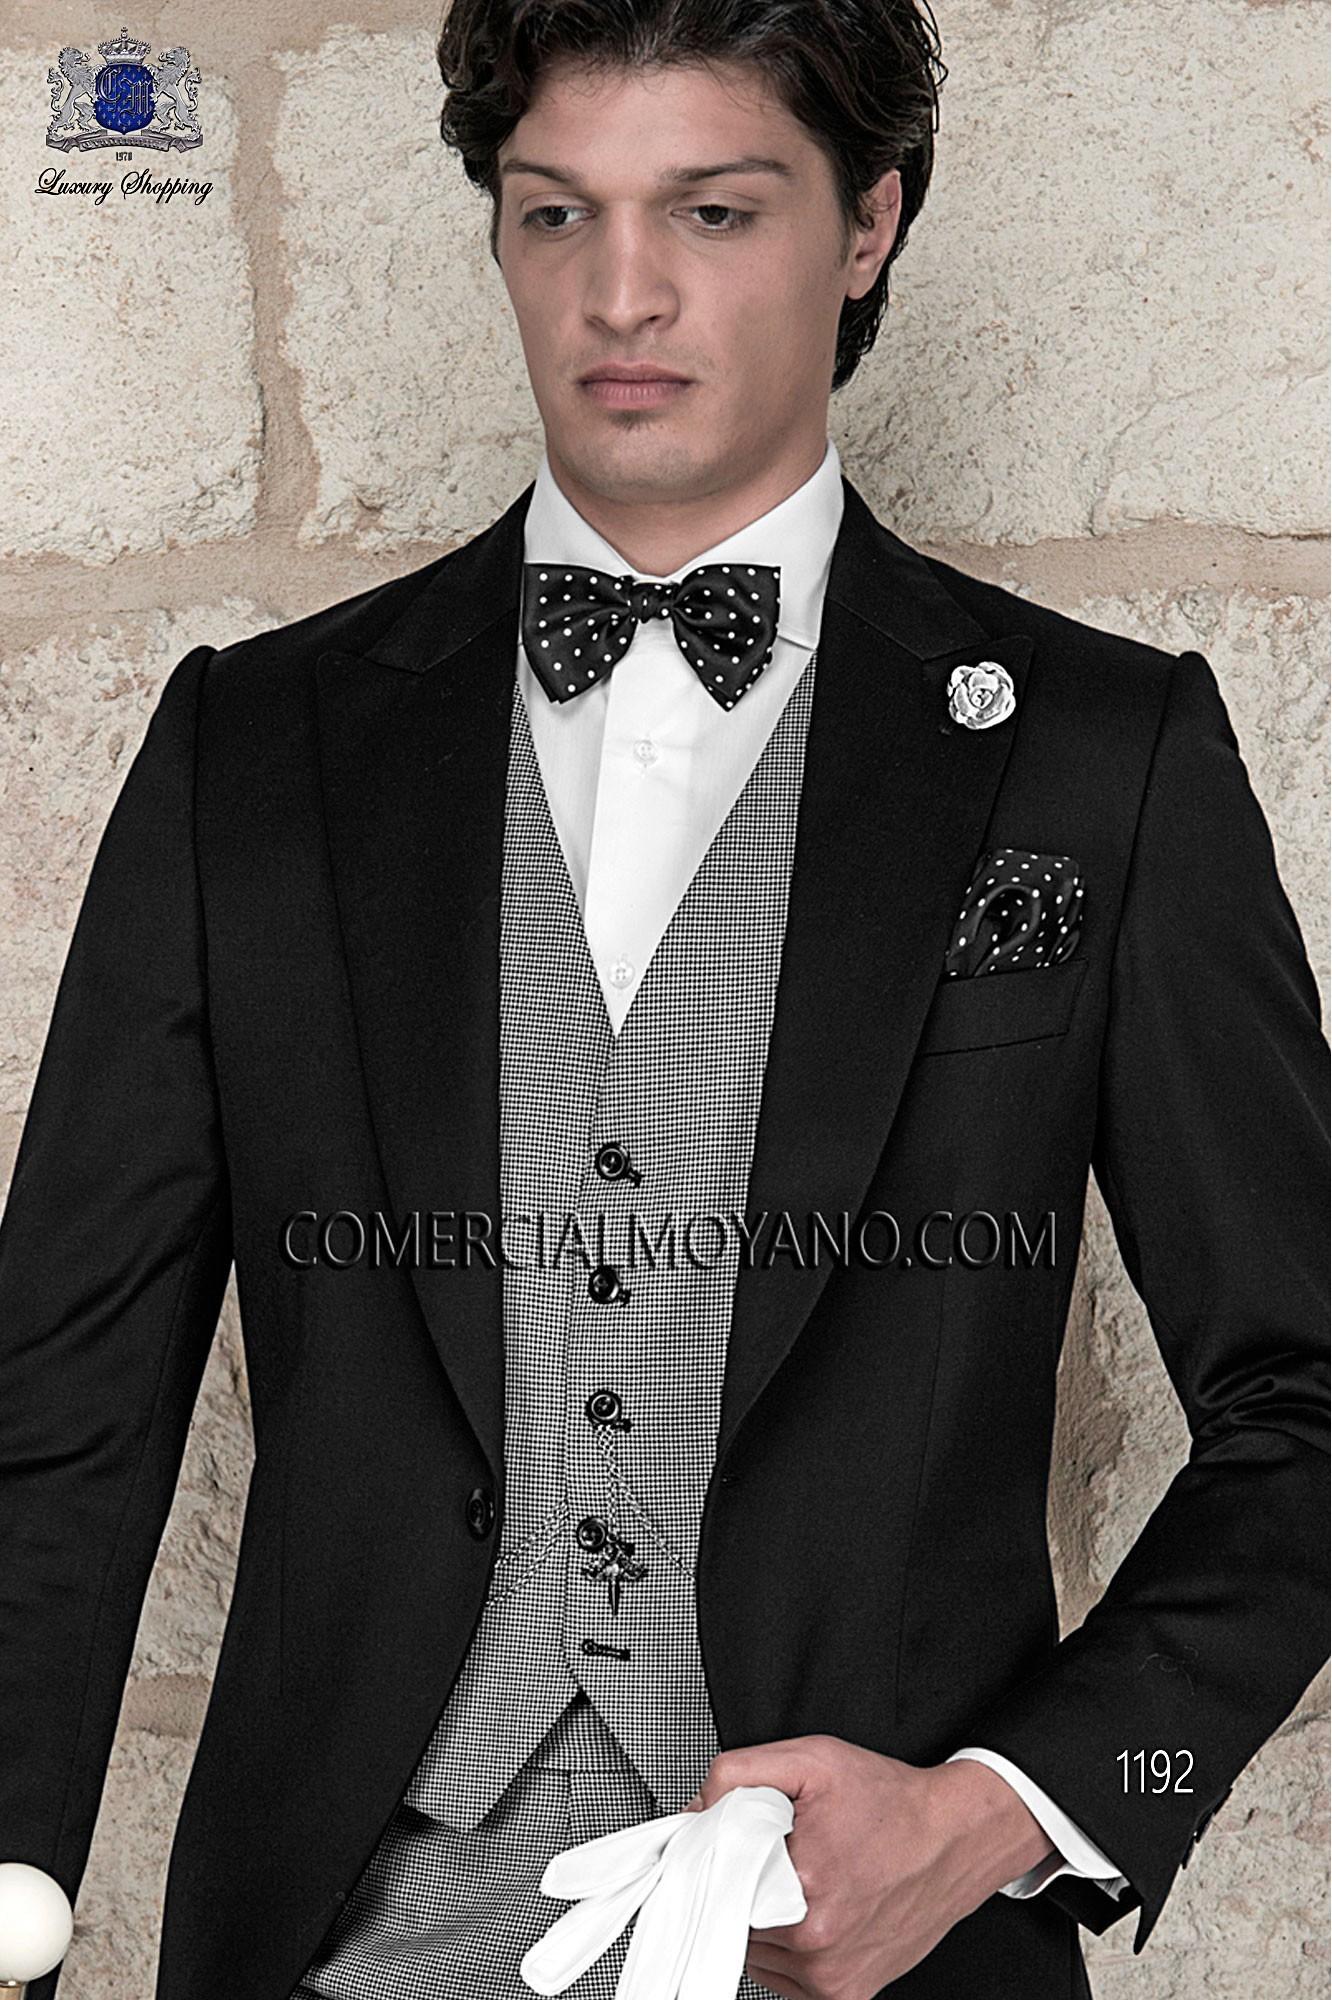 Traje Gentleman de novio pata de gallo modelo: 1192 Ottavio Nuccio Gala colección Gentleman